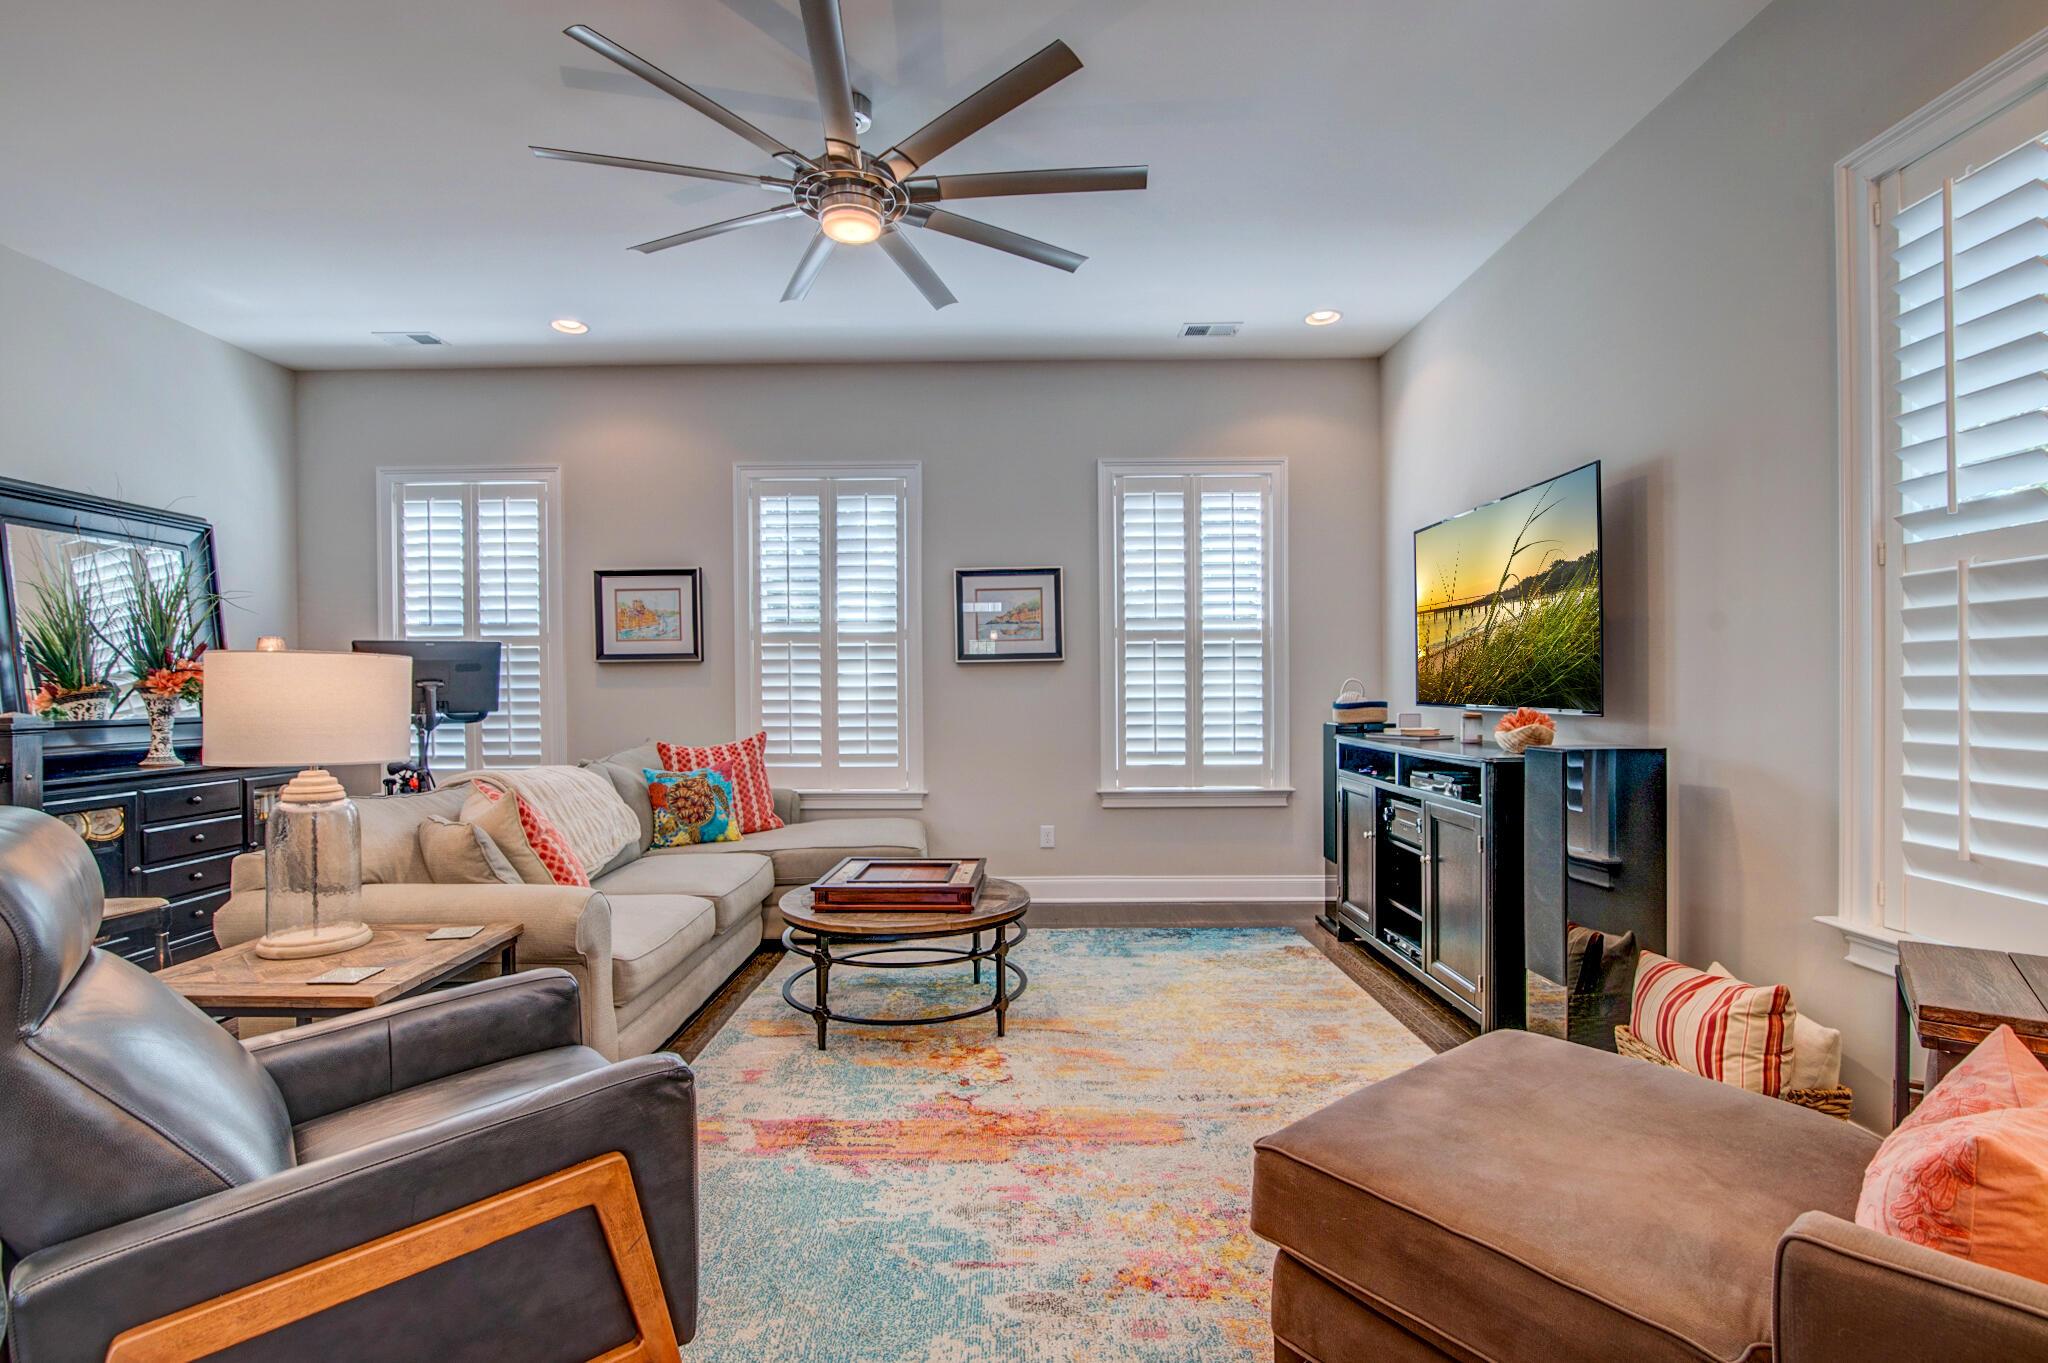 Whitesides Park Homes For Sale - 1102 Alagash Way, Mount Pleasant, SC - 27